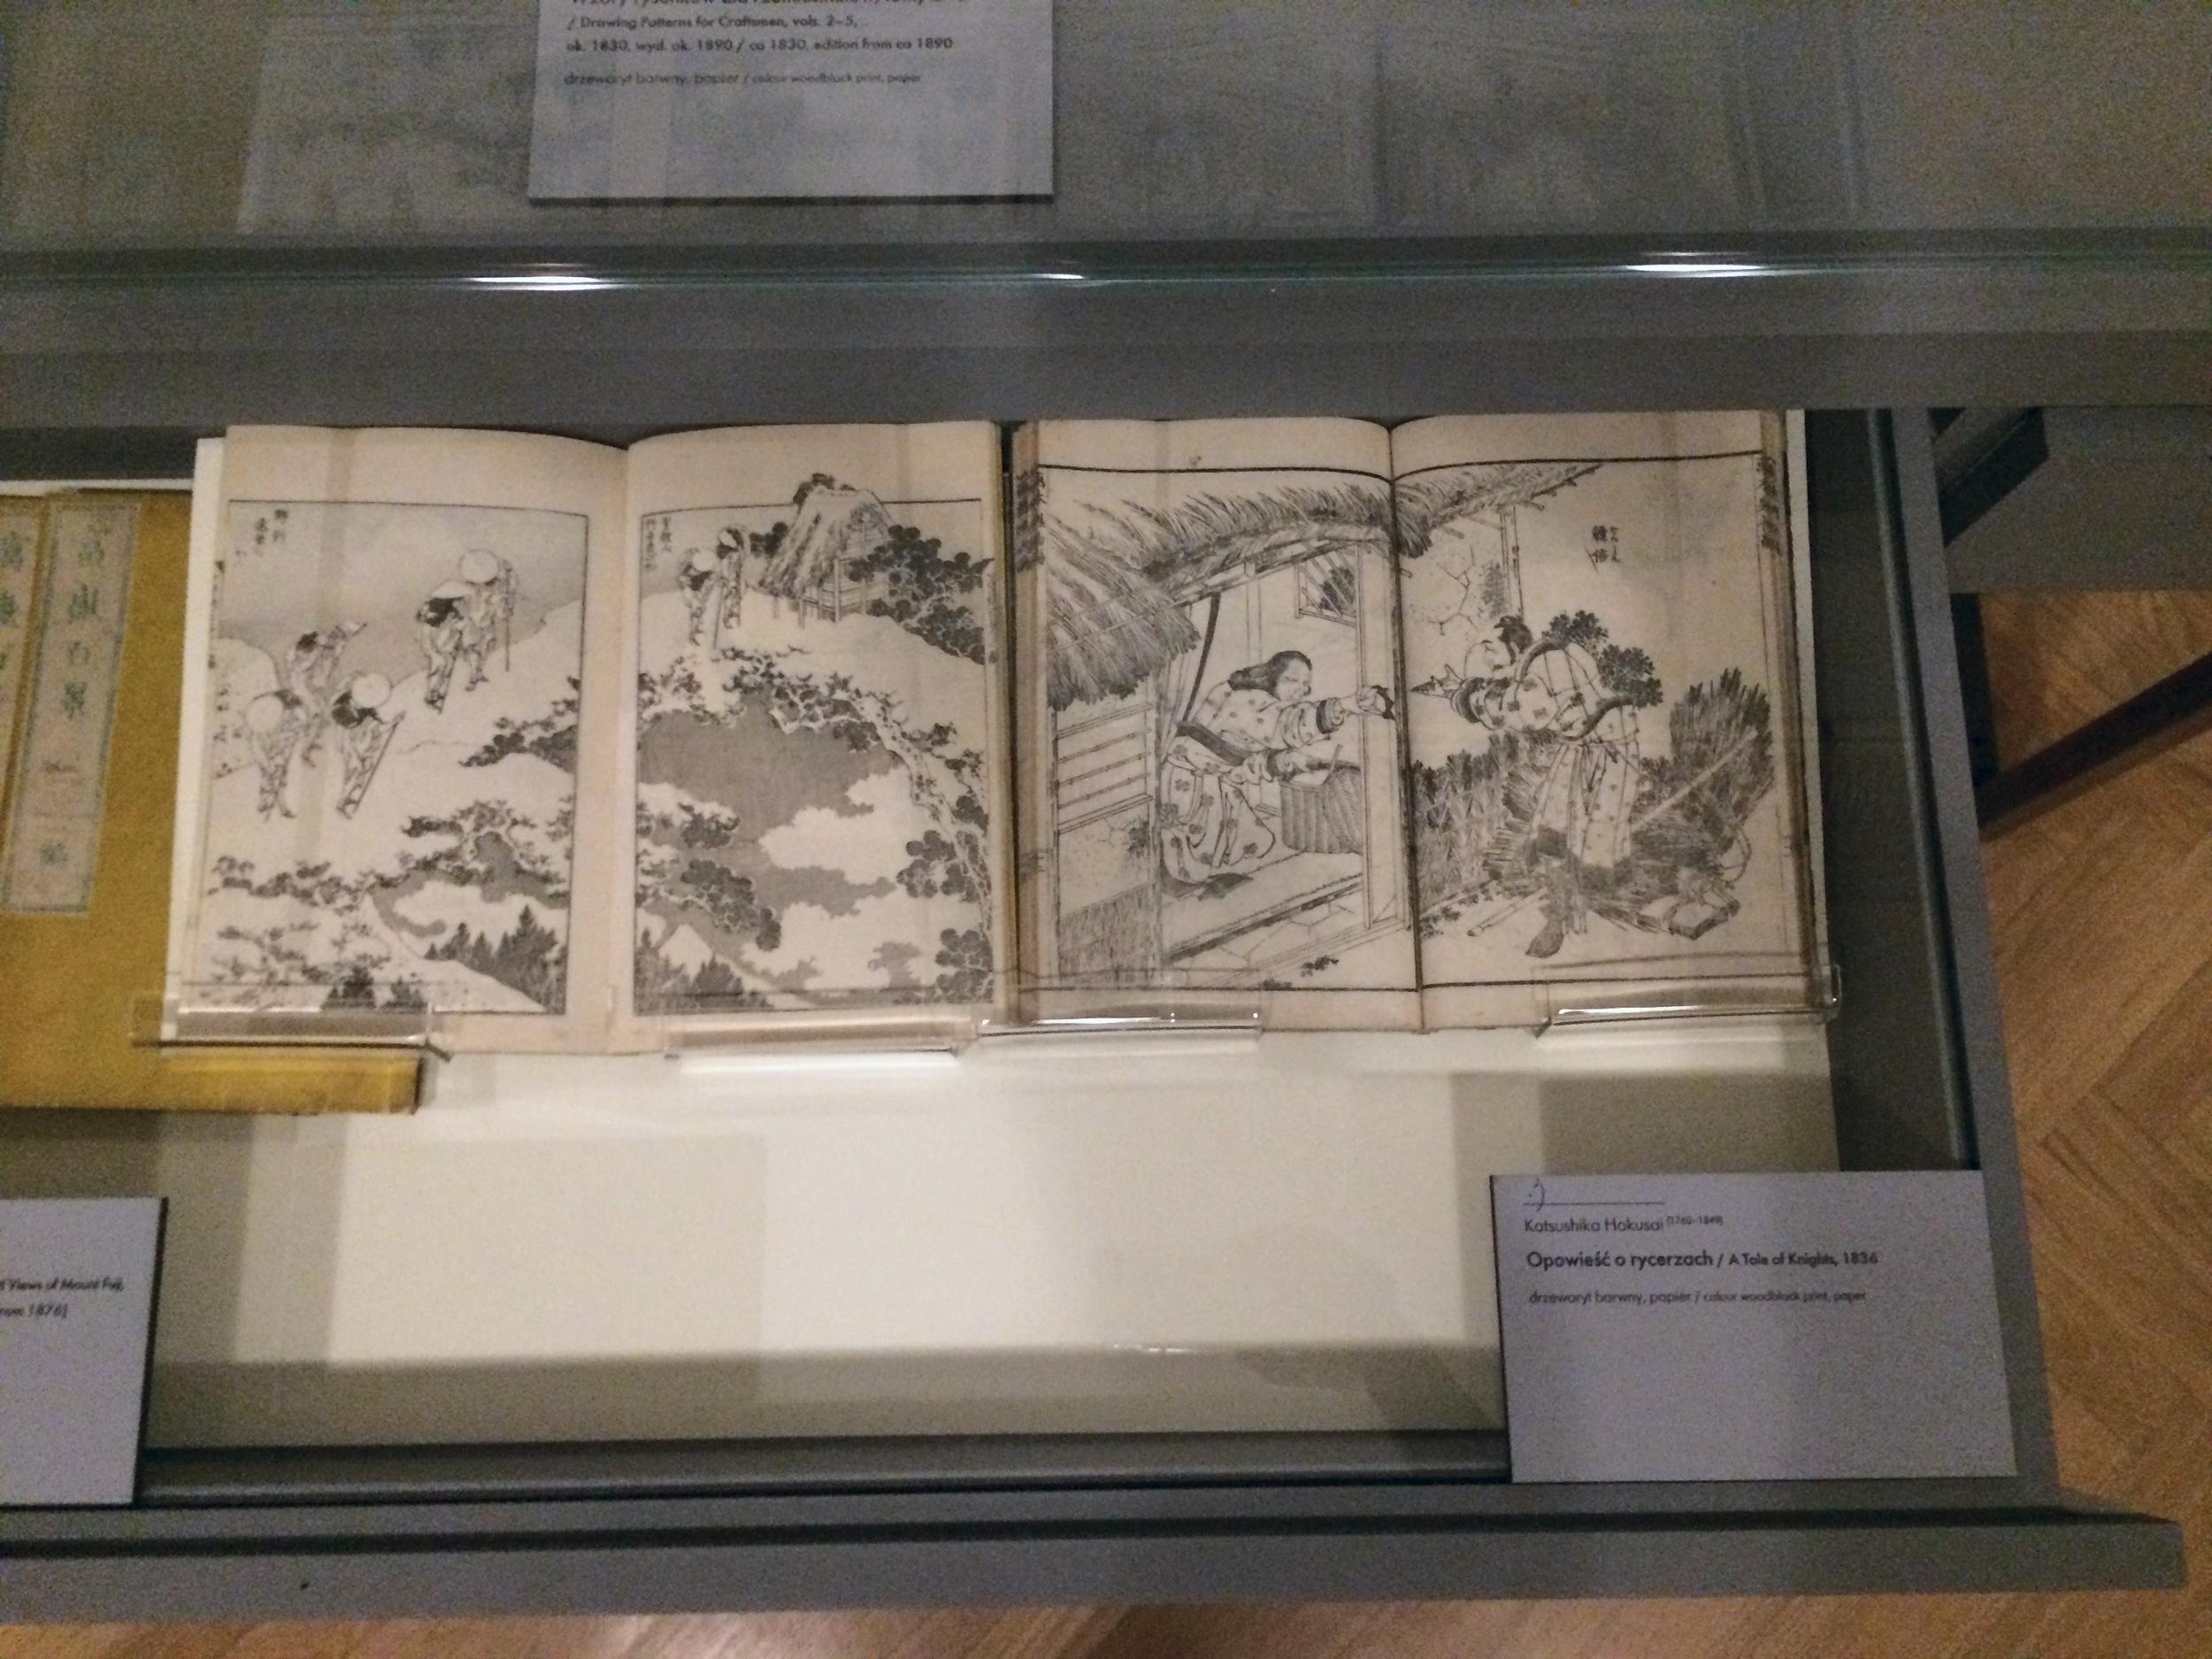 Katsushika Hokusai (1760-1847)